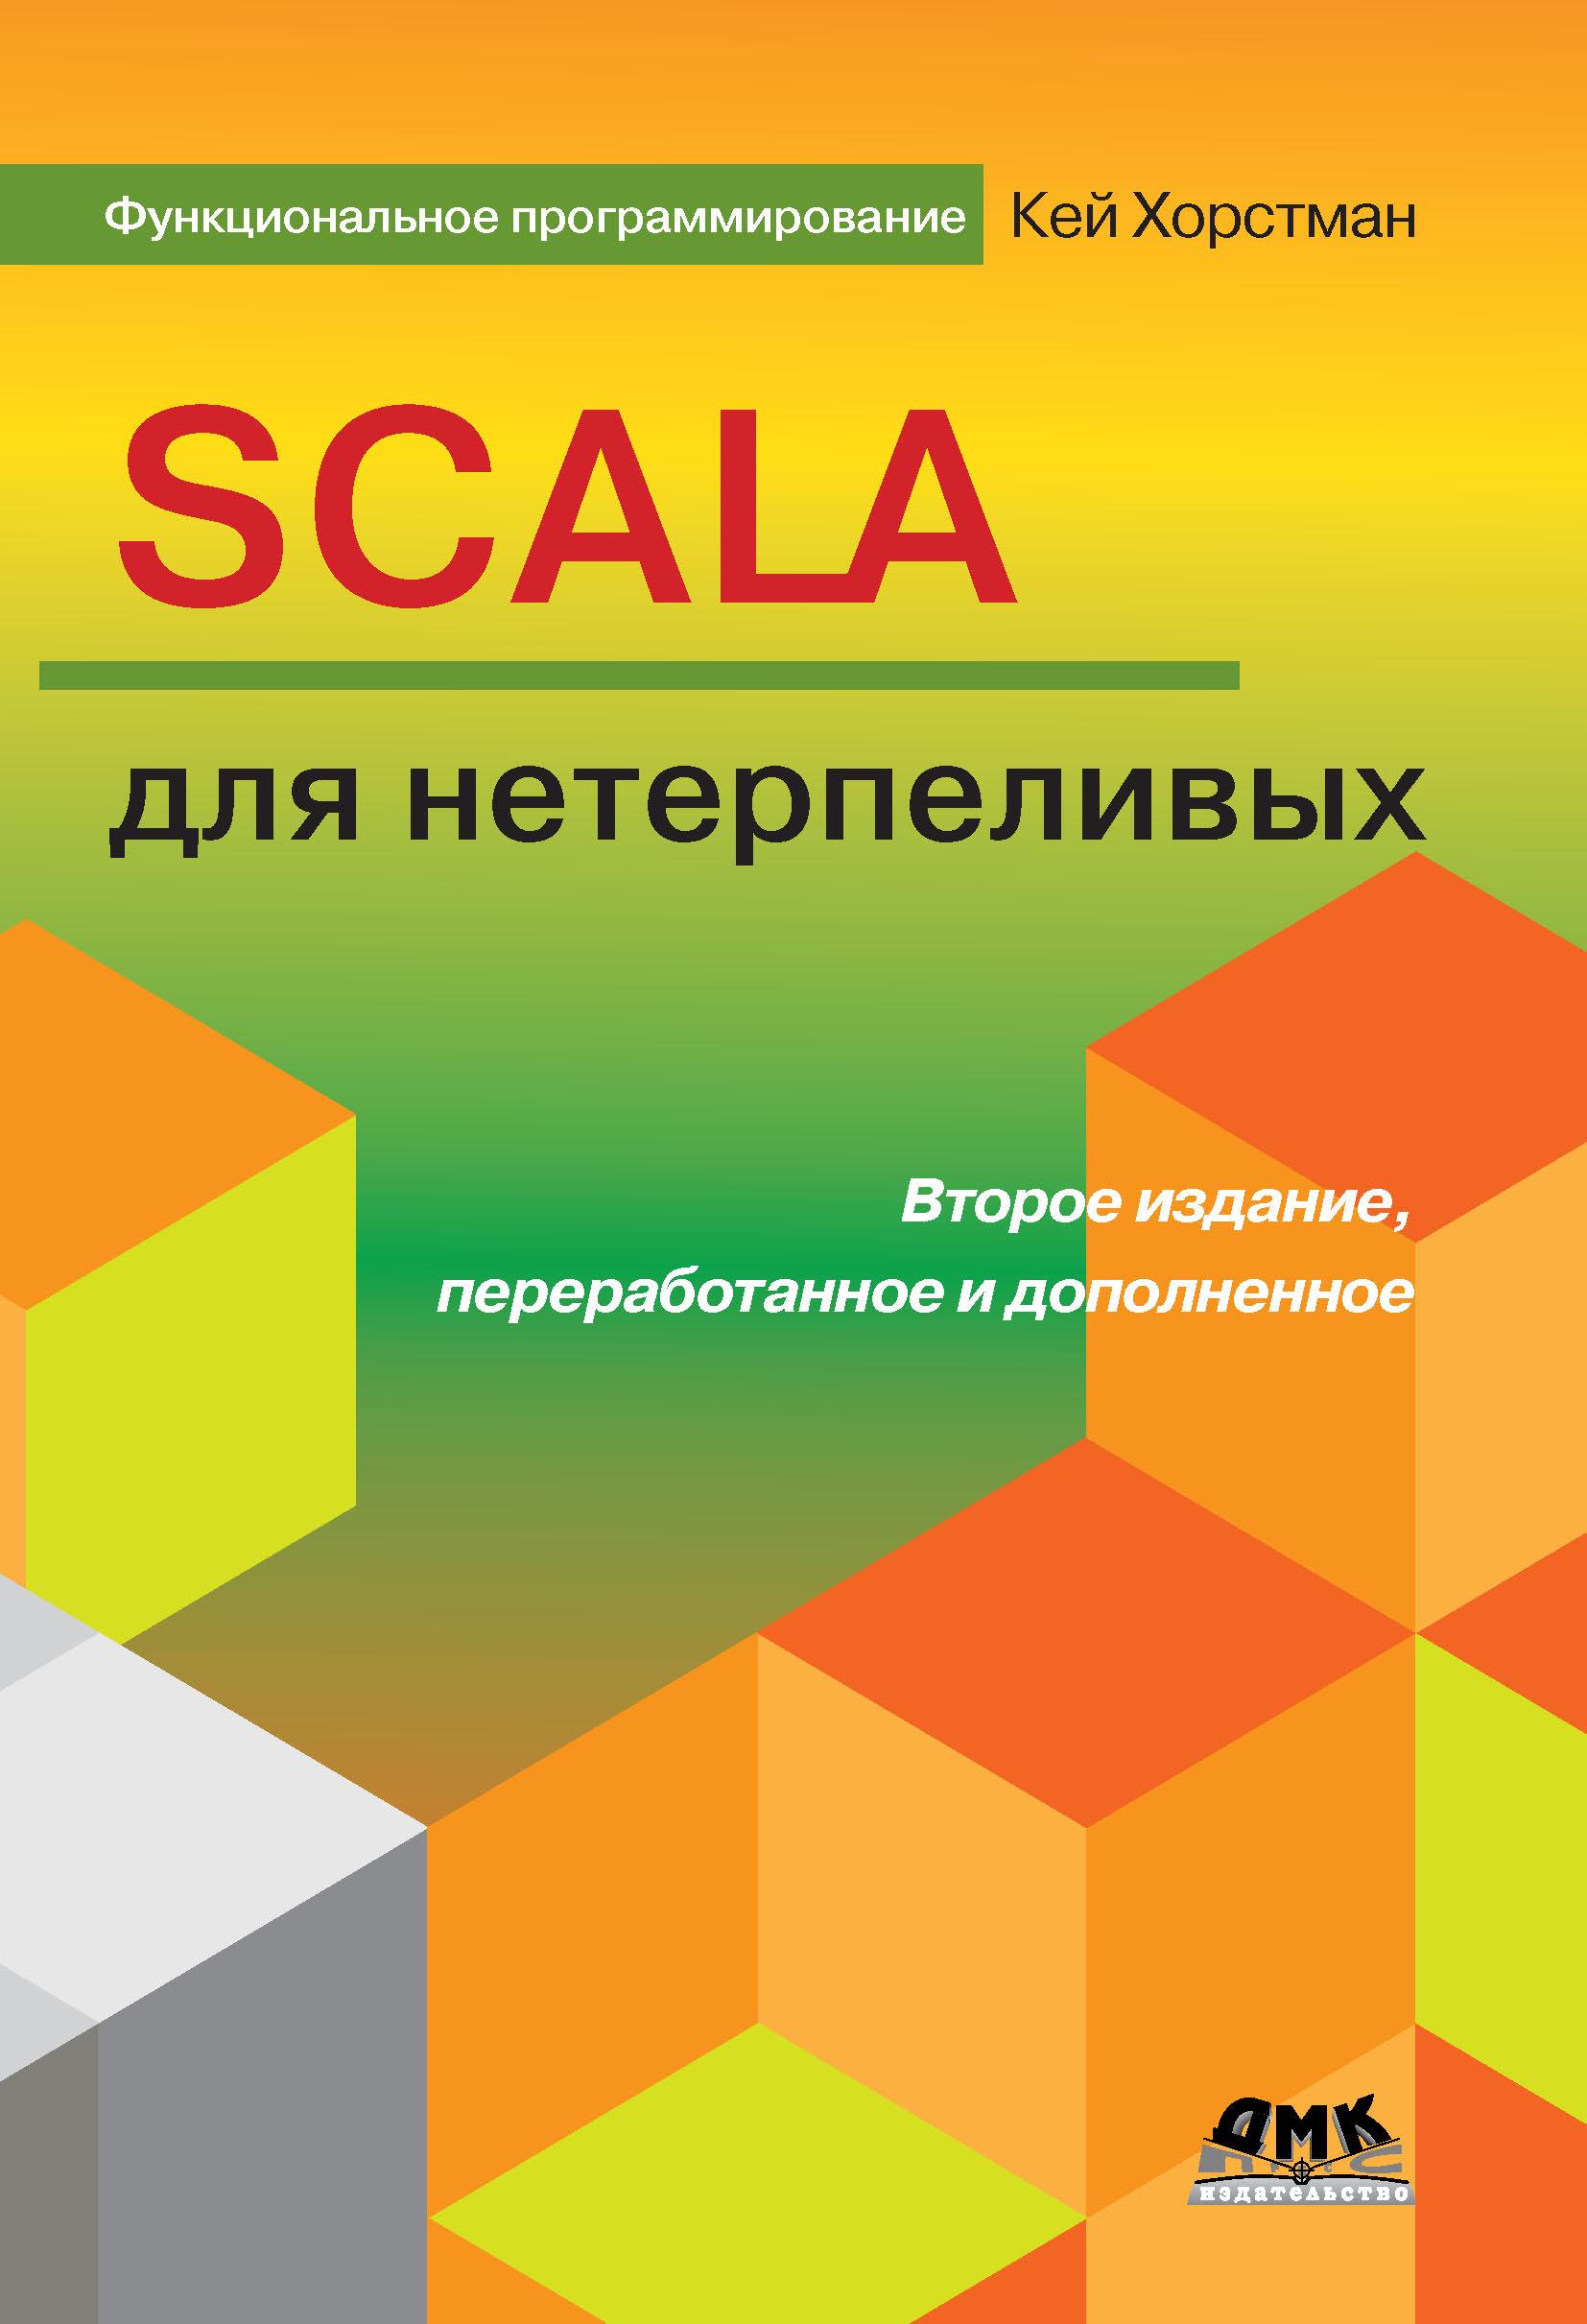 Кей Хорстманн Scala для нетерпеливых хорстманн к java библиотека профессионала том 2 расширенные средства программирования